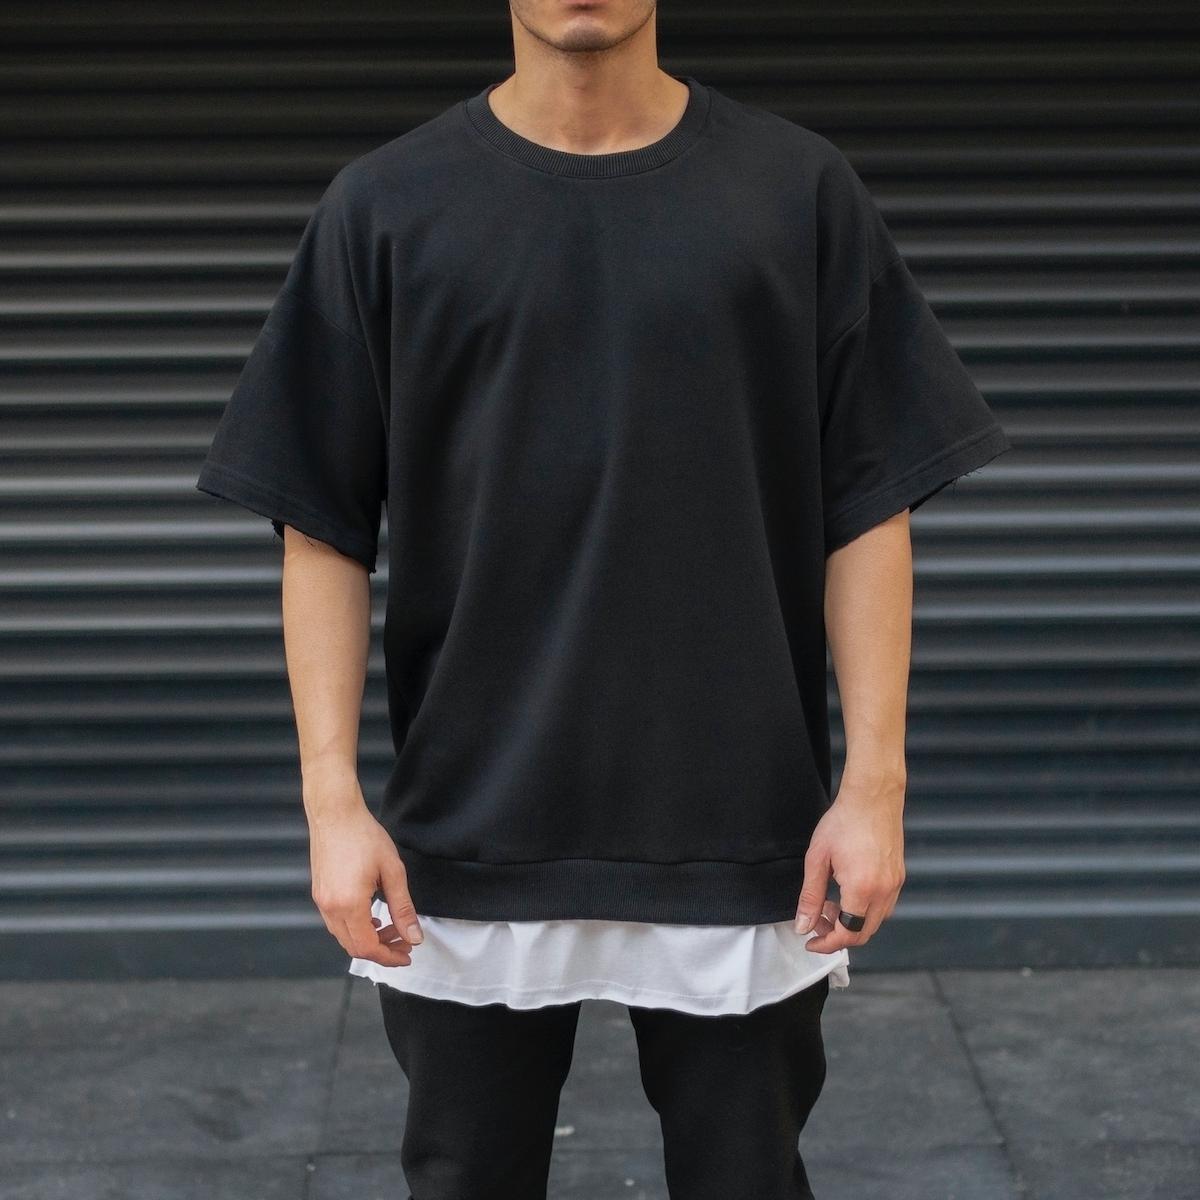 Erkek Oversize Basic T-Shirt Etek Detaylı Siyah